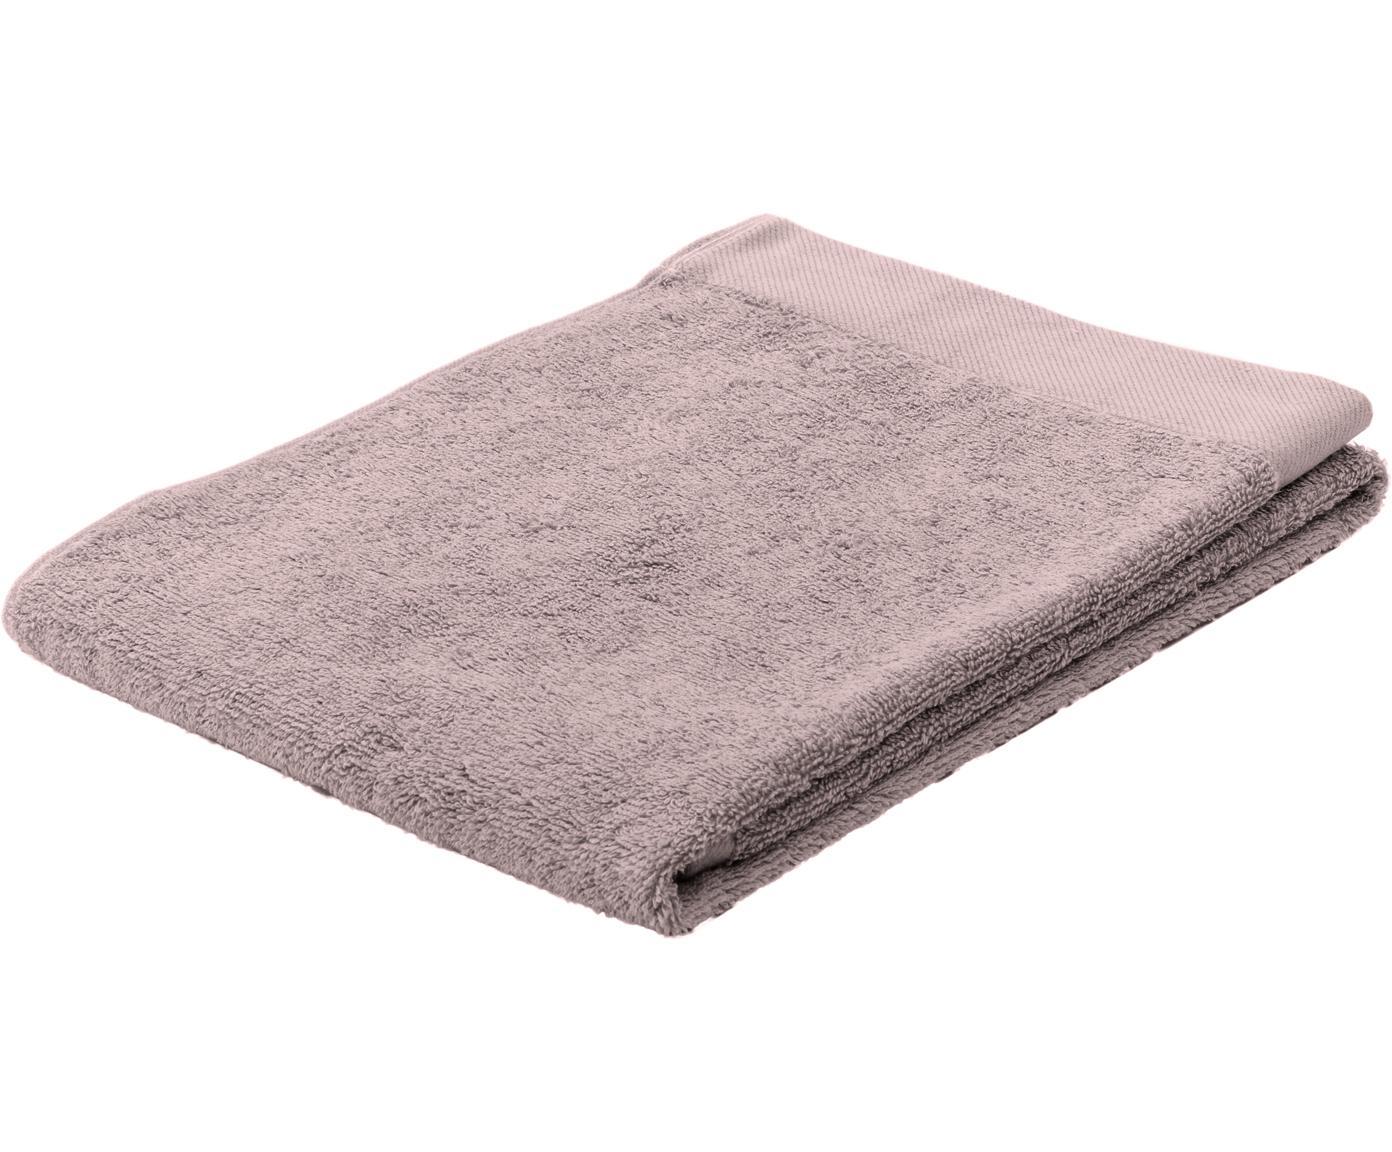 Handdoek Blend van gerecycled katoenmix, Poederroze, Handdoek